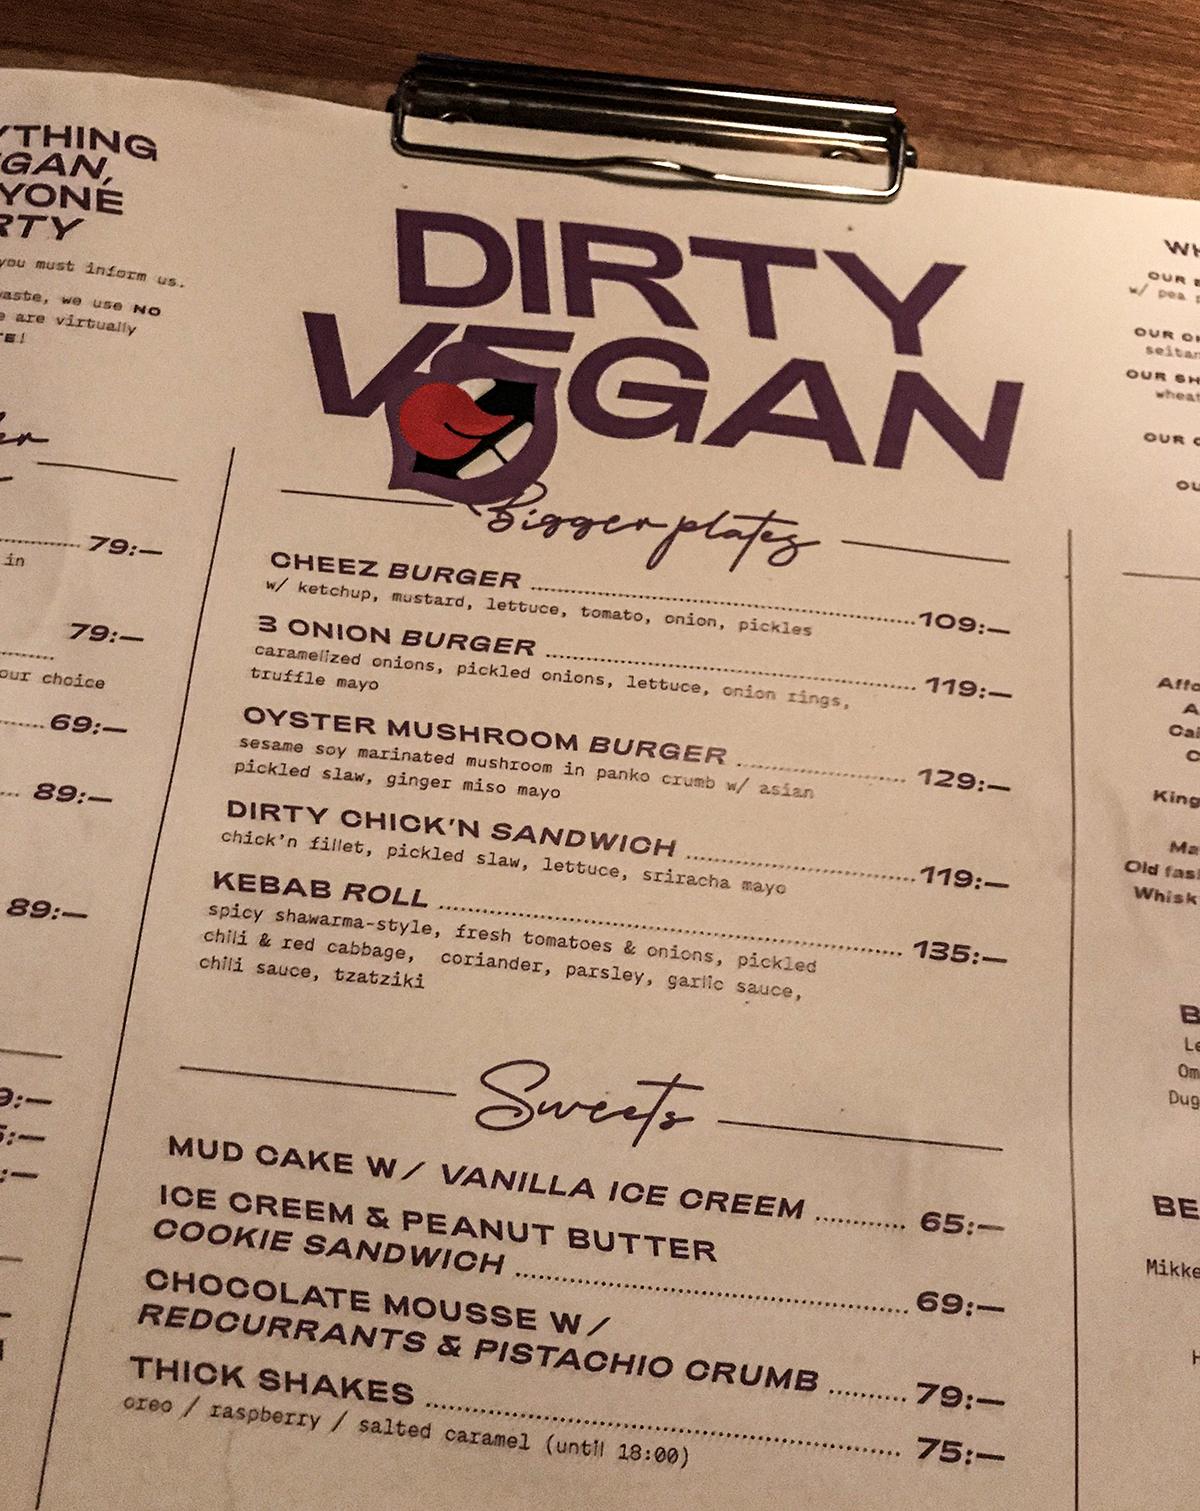 dirty vegan vegansk mat I Stockholm